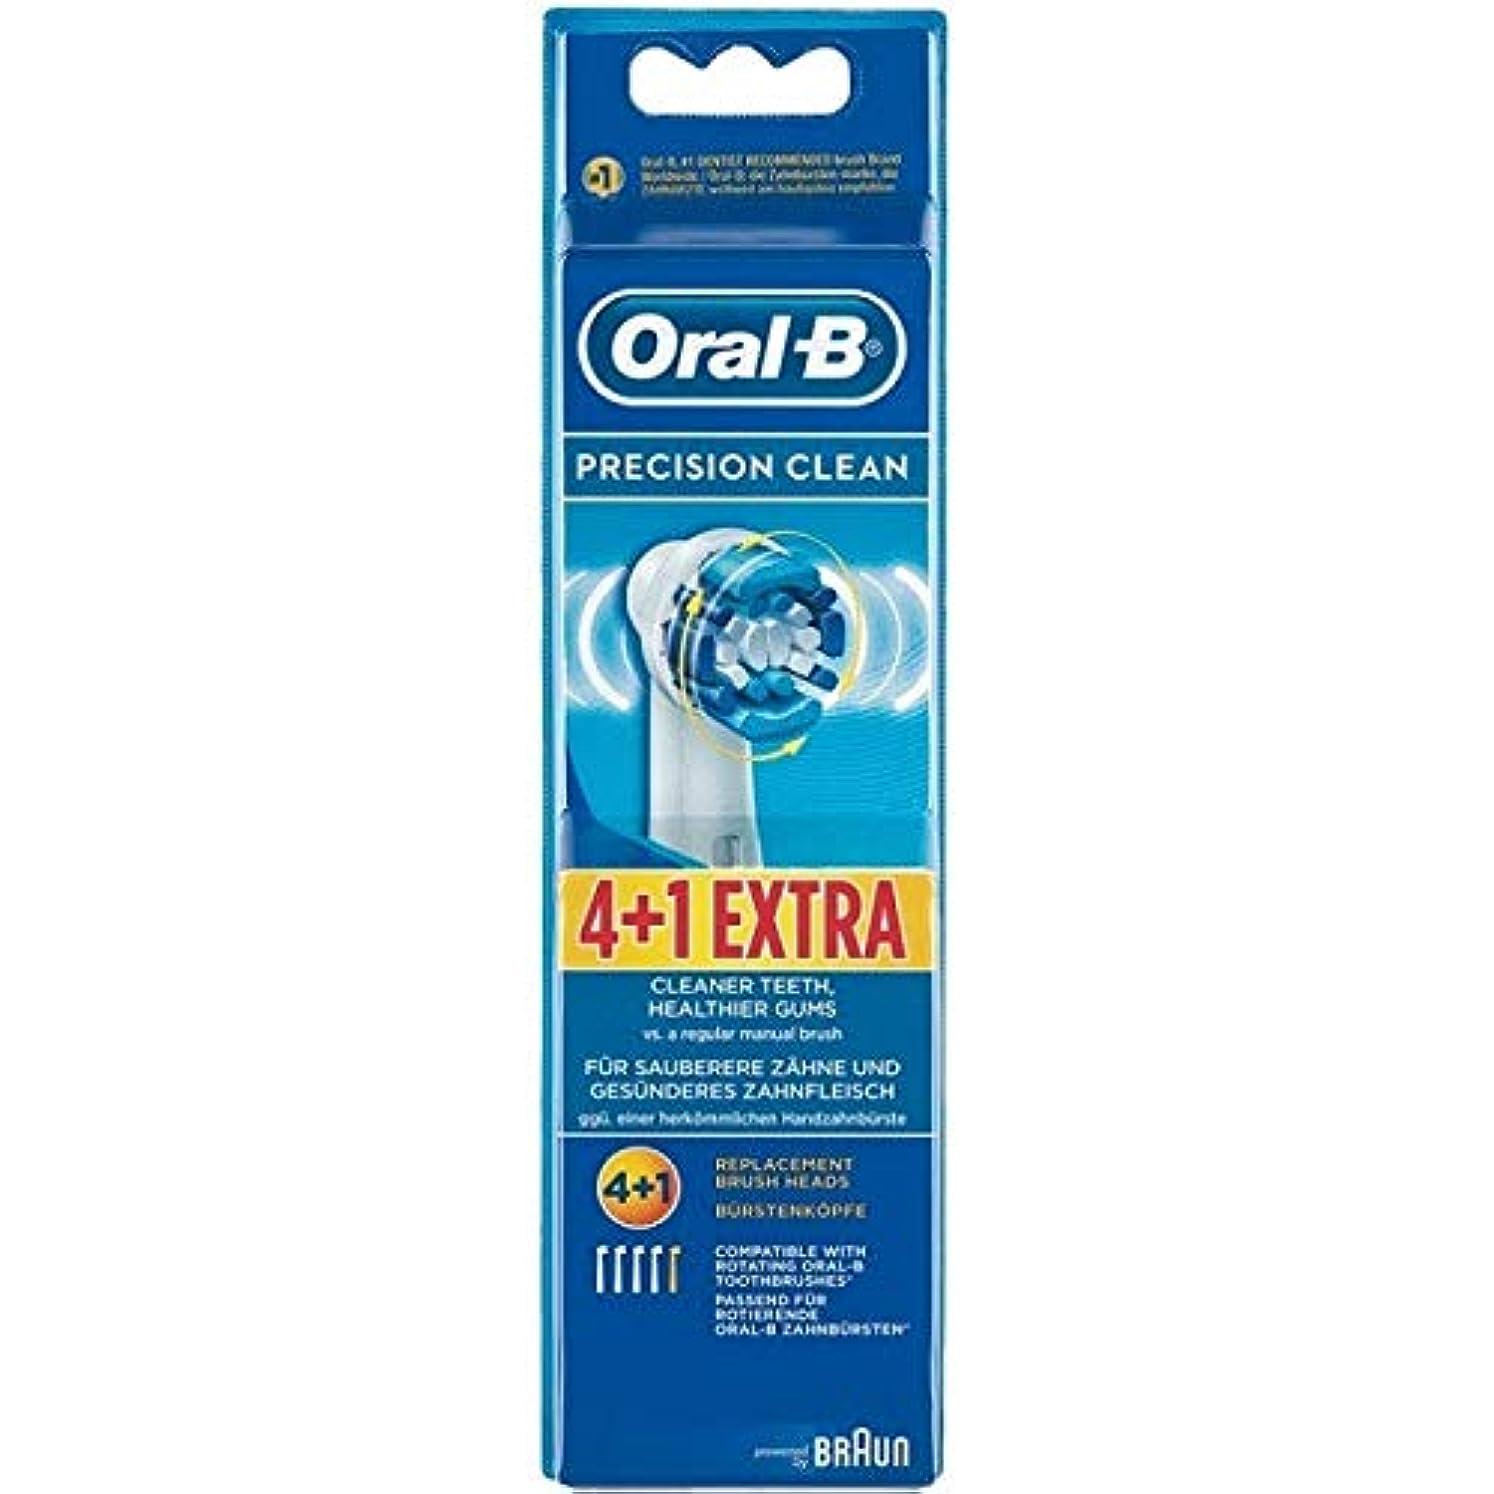 宇宙船正当化する艦隊Braun Oral-B EB20-4+1 EXTRA Precision Clean 歯ブラシ交換ヘッド [並行輸入品]